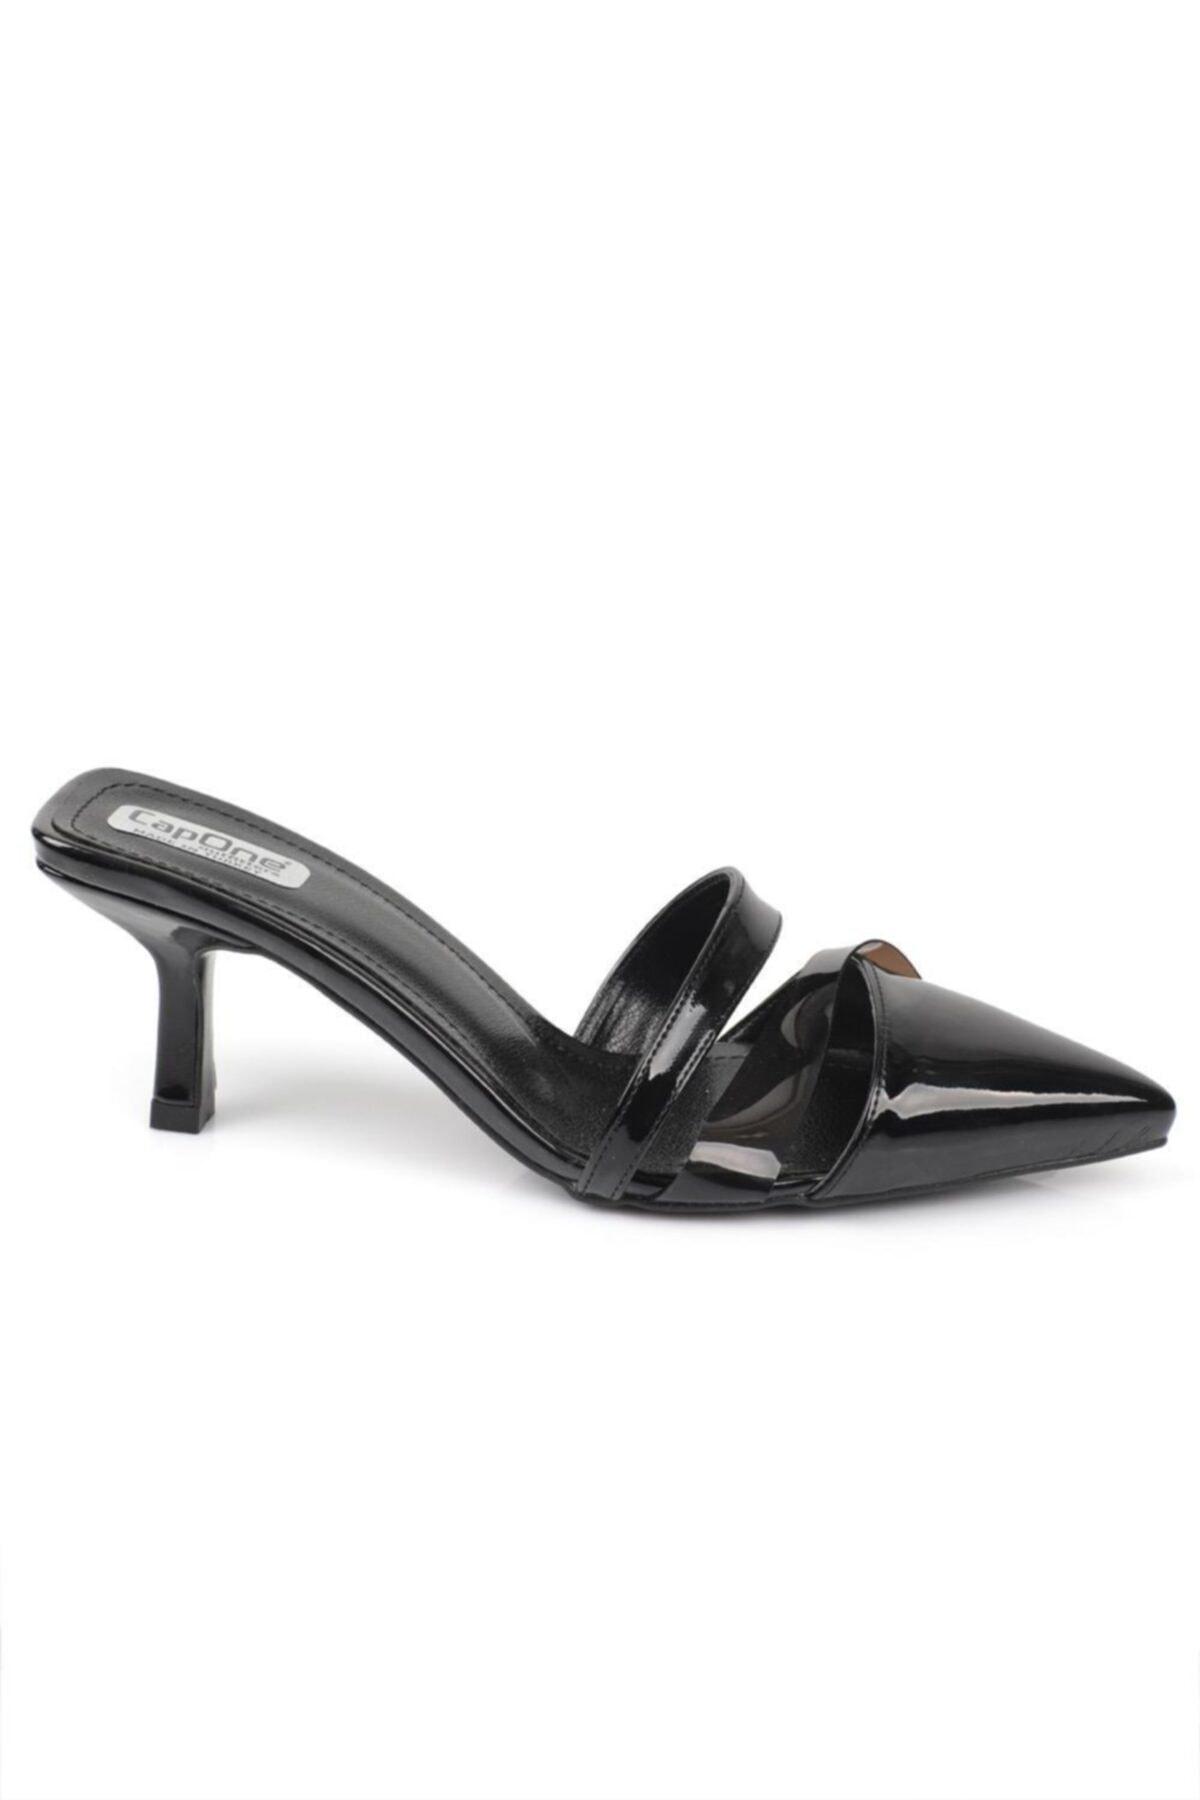 Capone Outfitters Kadın Siyah Topuklu Şeffaf Bantlı Kapalı Terlik 1